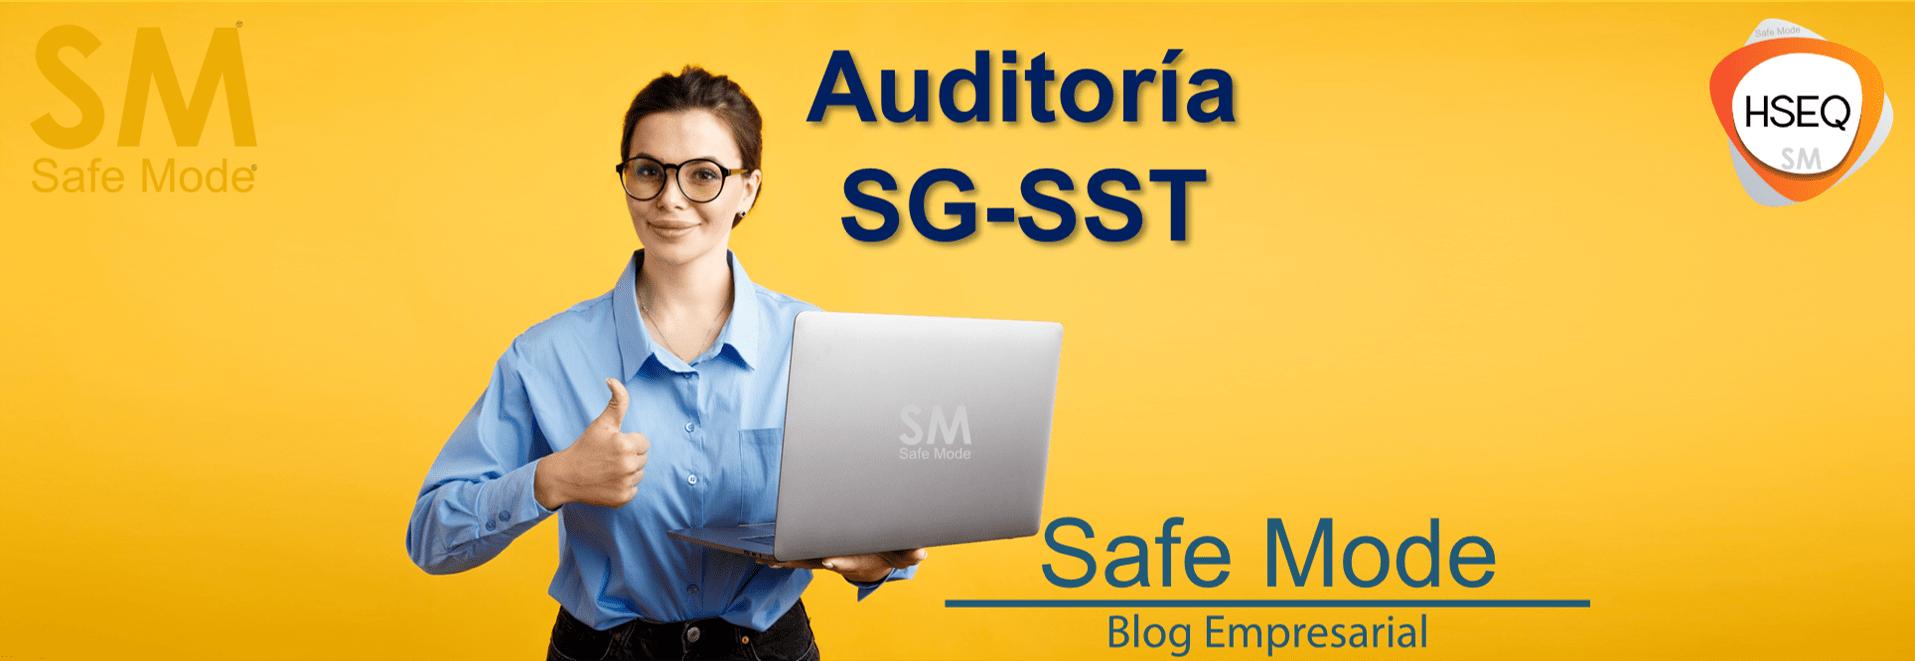 Asi son las auditorias del SG-SST